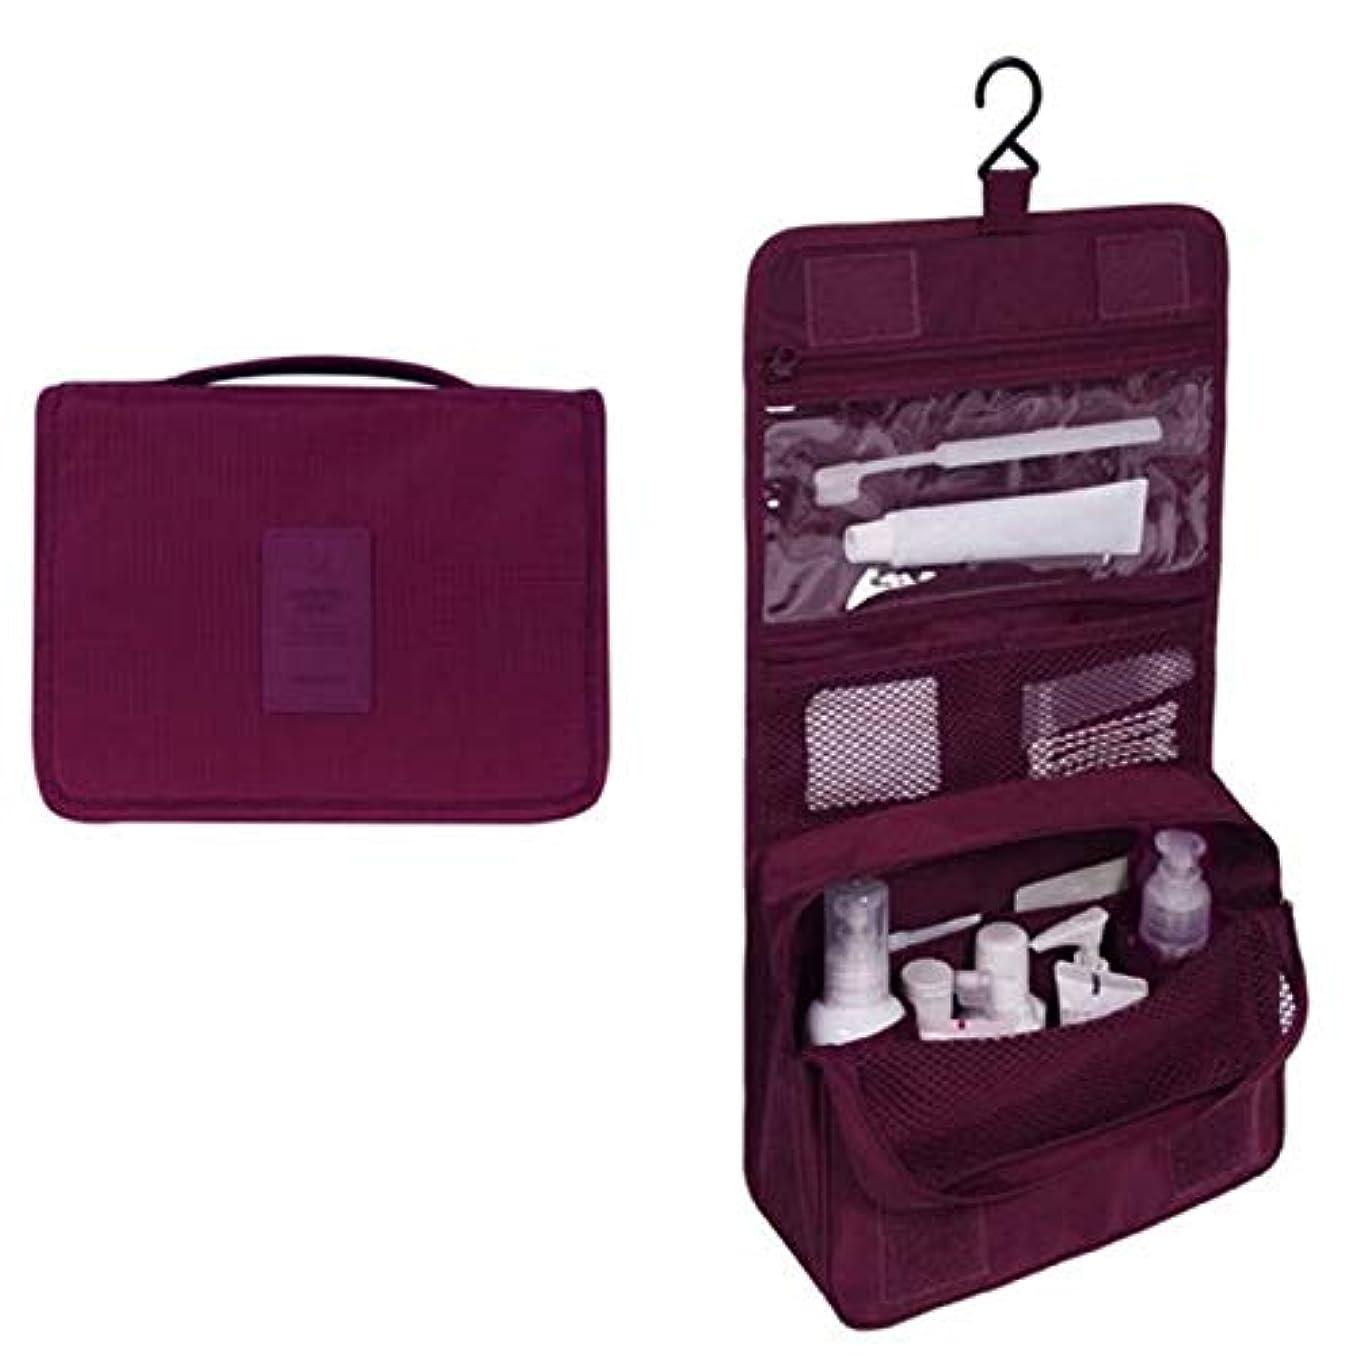 音声学マニフェスト医療のQuzama-JS バッグ、バッグ、バッグ、バッグ、バッグ(None Picture Color)